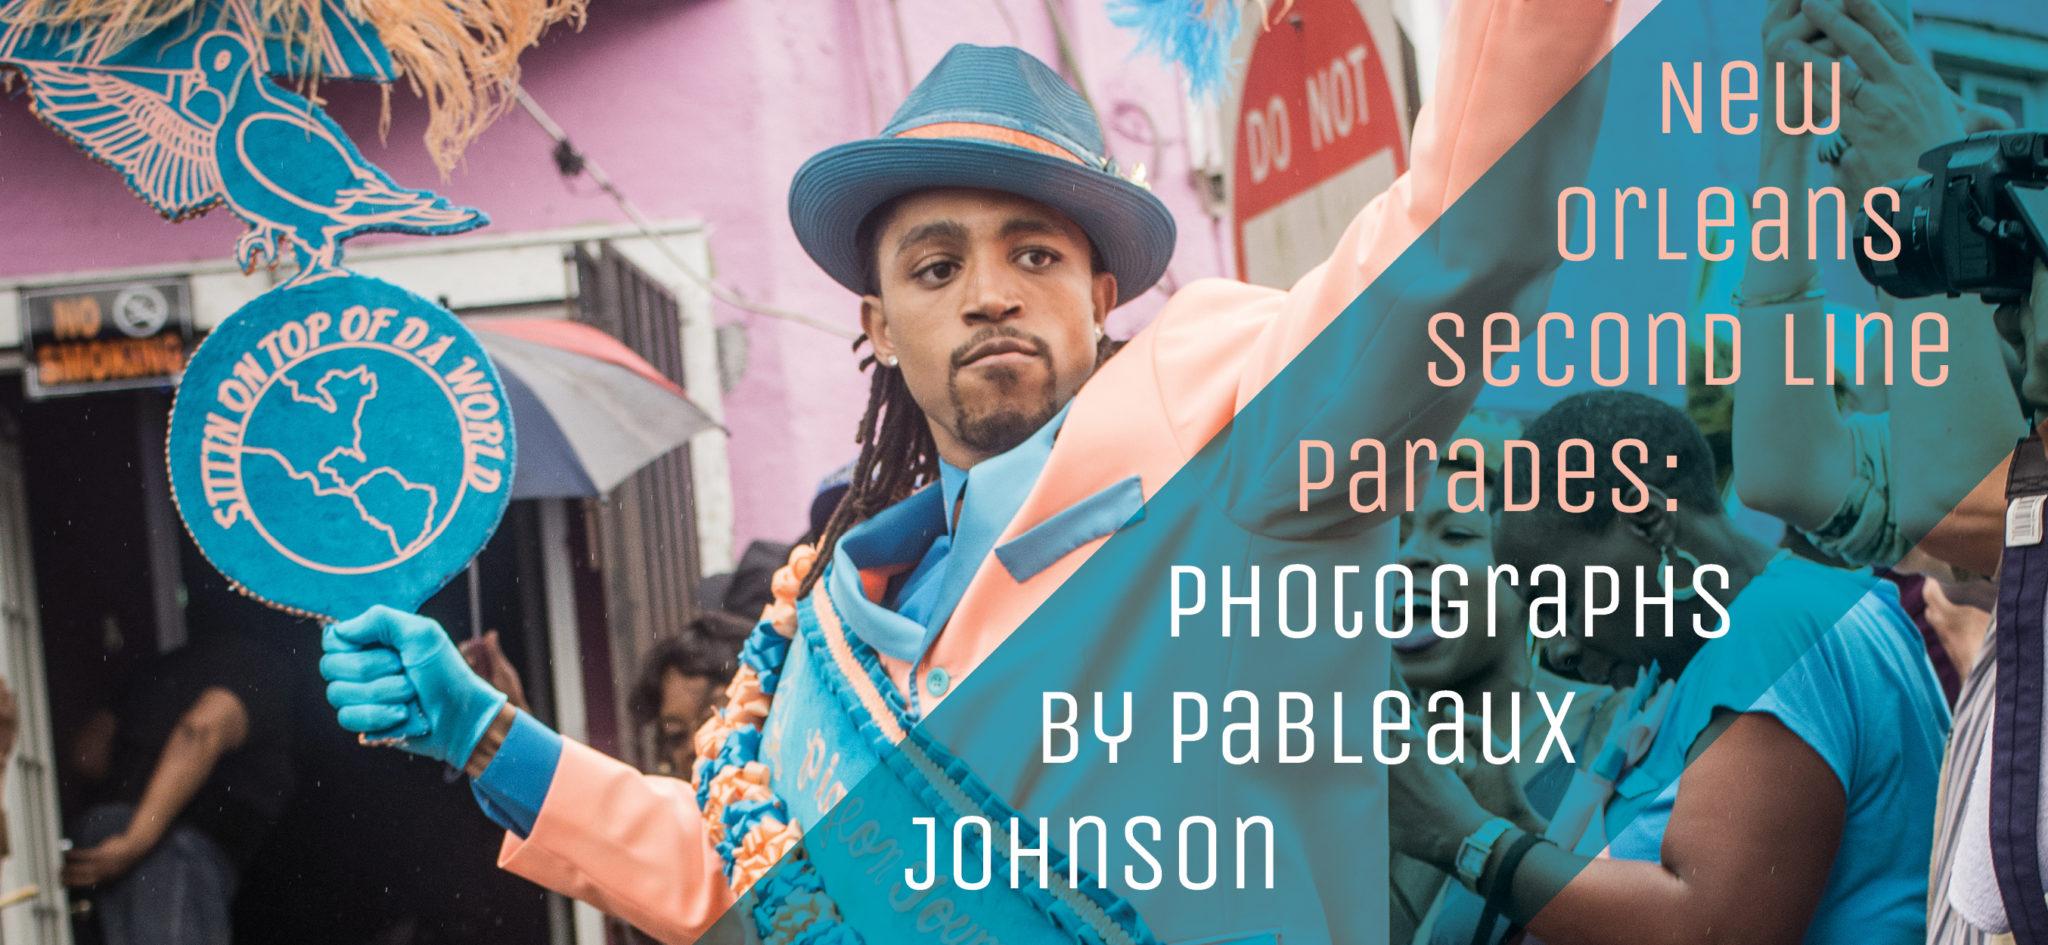 © Pableaux Johnson